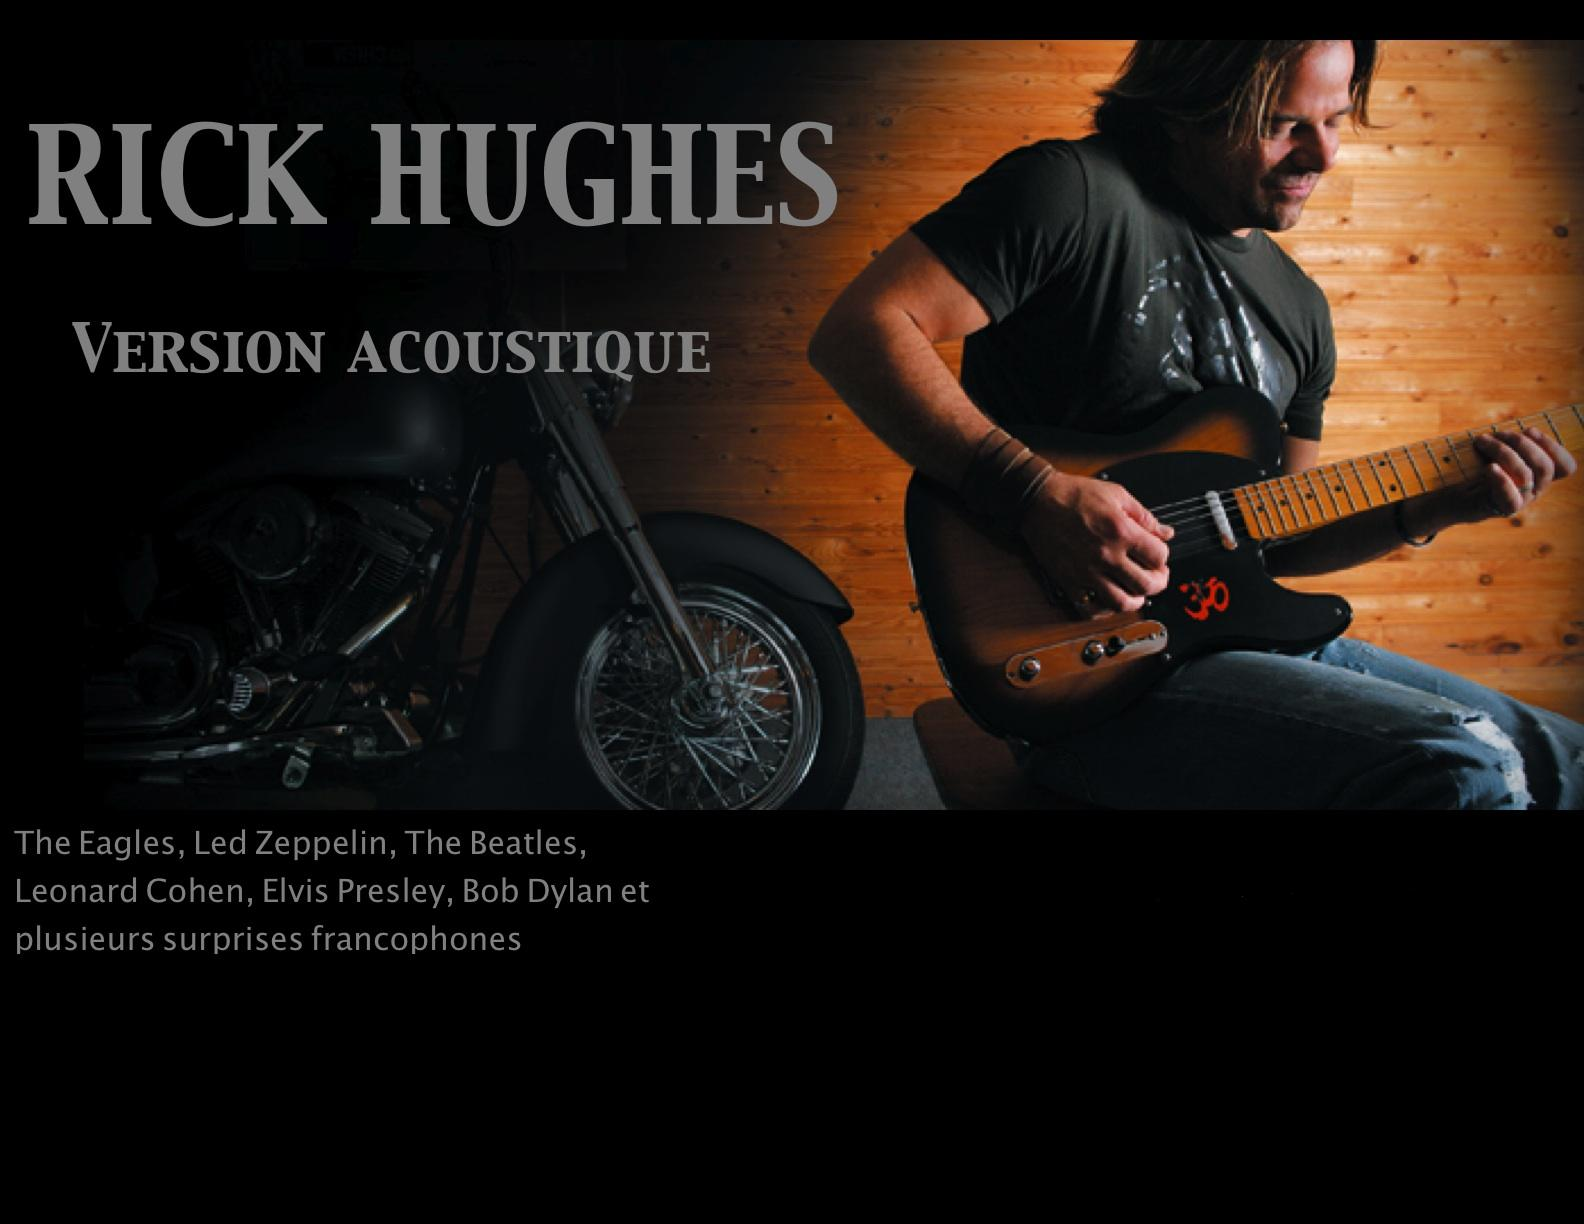 Rick Hughes - acoustique - JPG.jpg